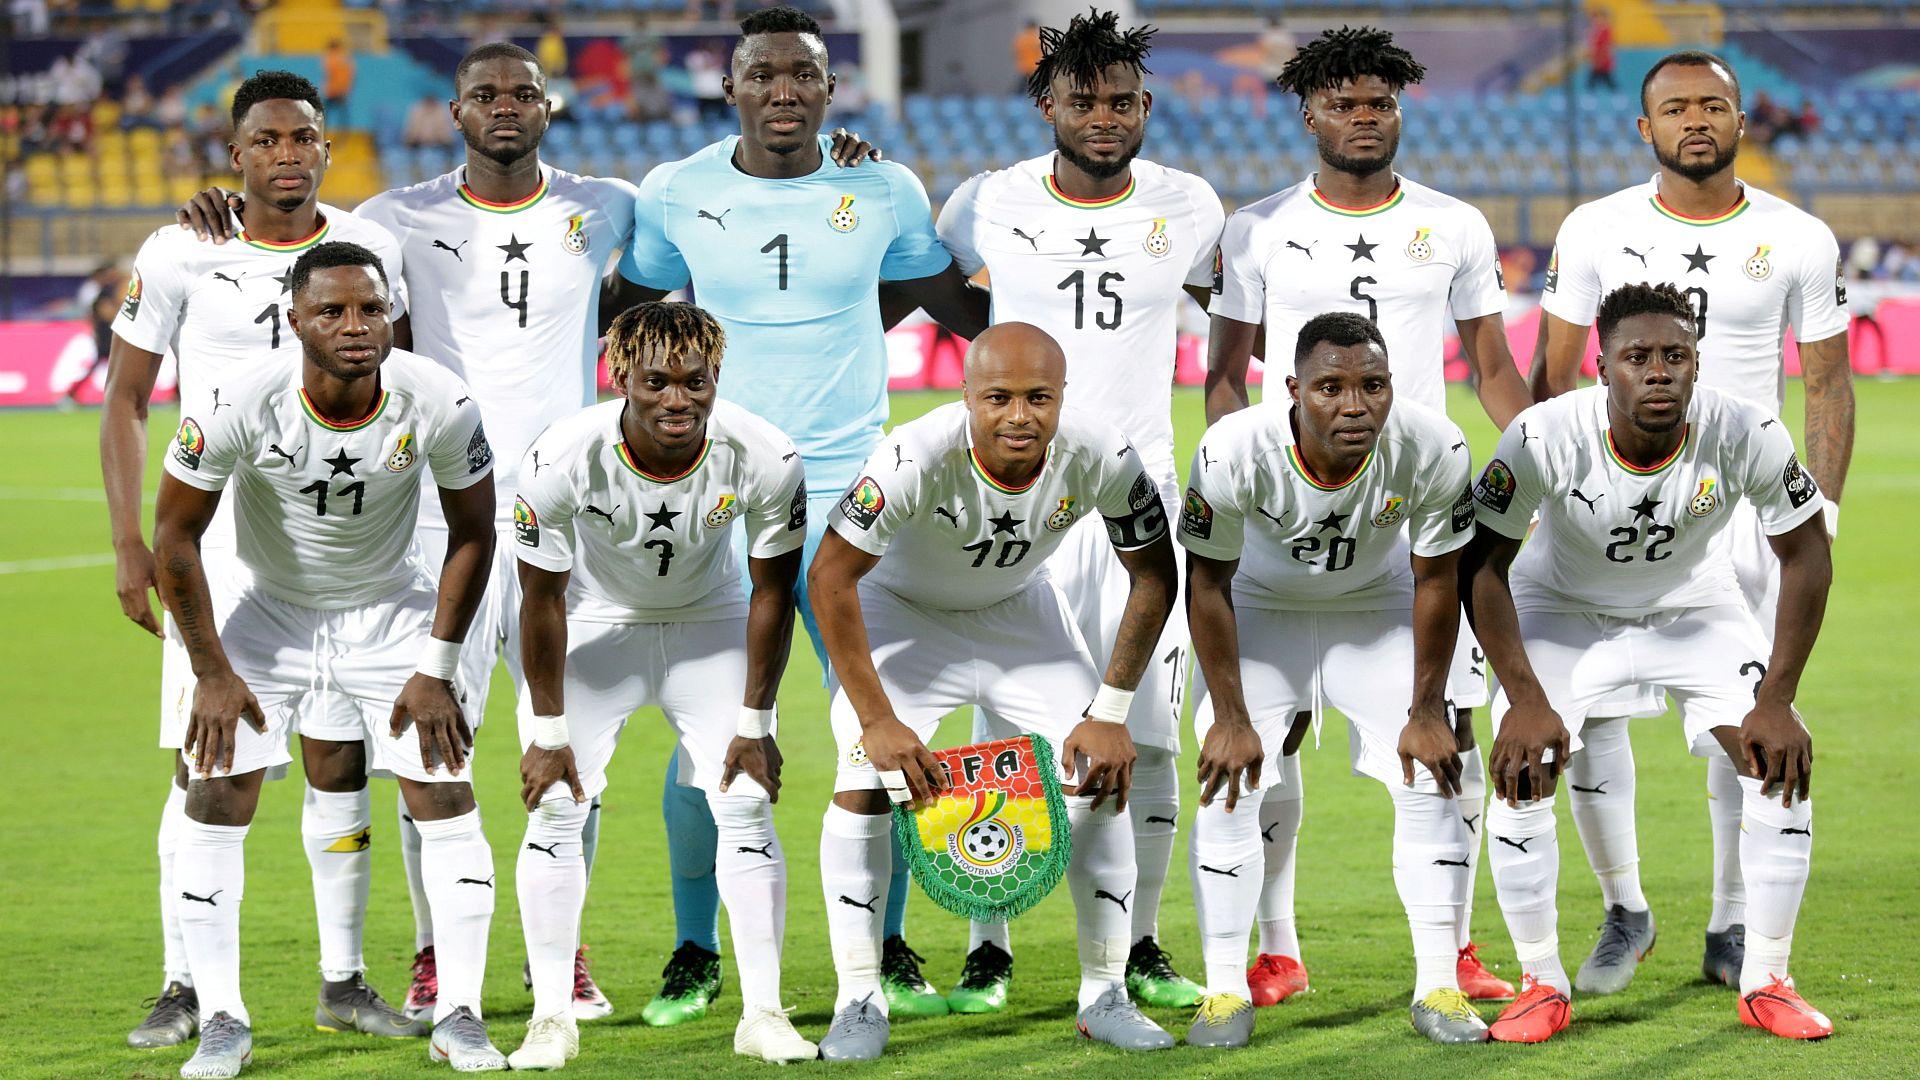 Ghana team Afcon 2019